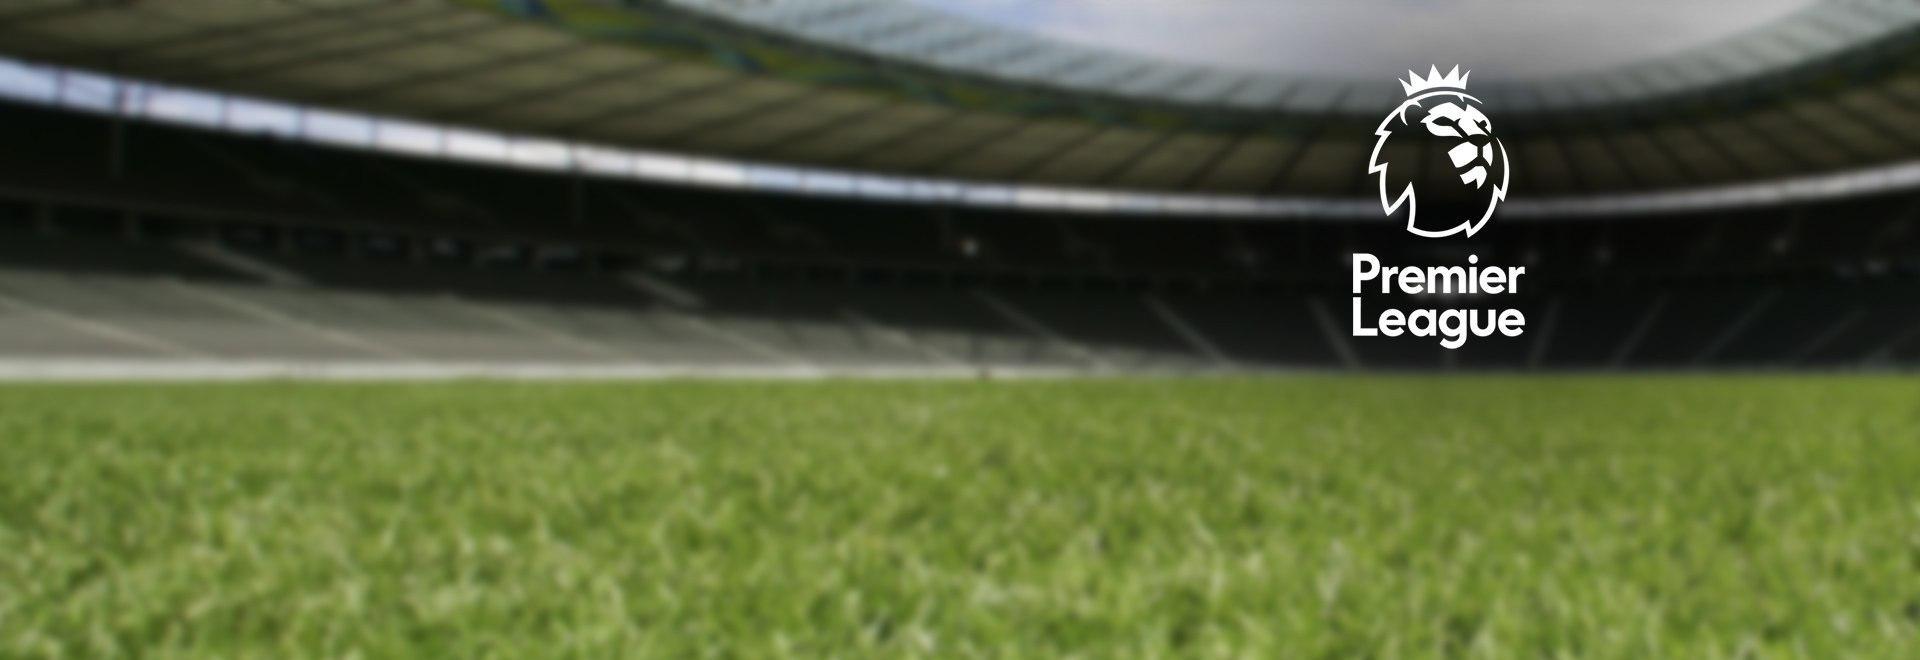 Tottenham - Brighton & Hove Albion. 7a g.